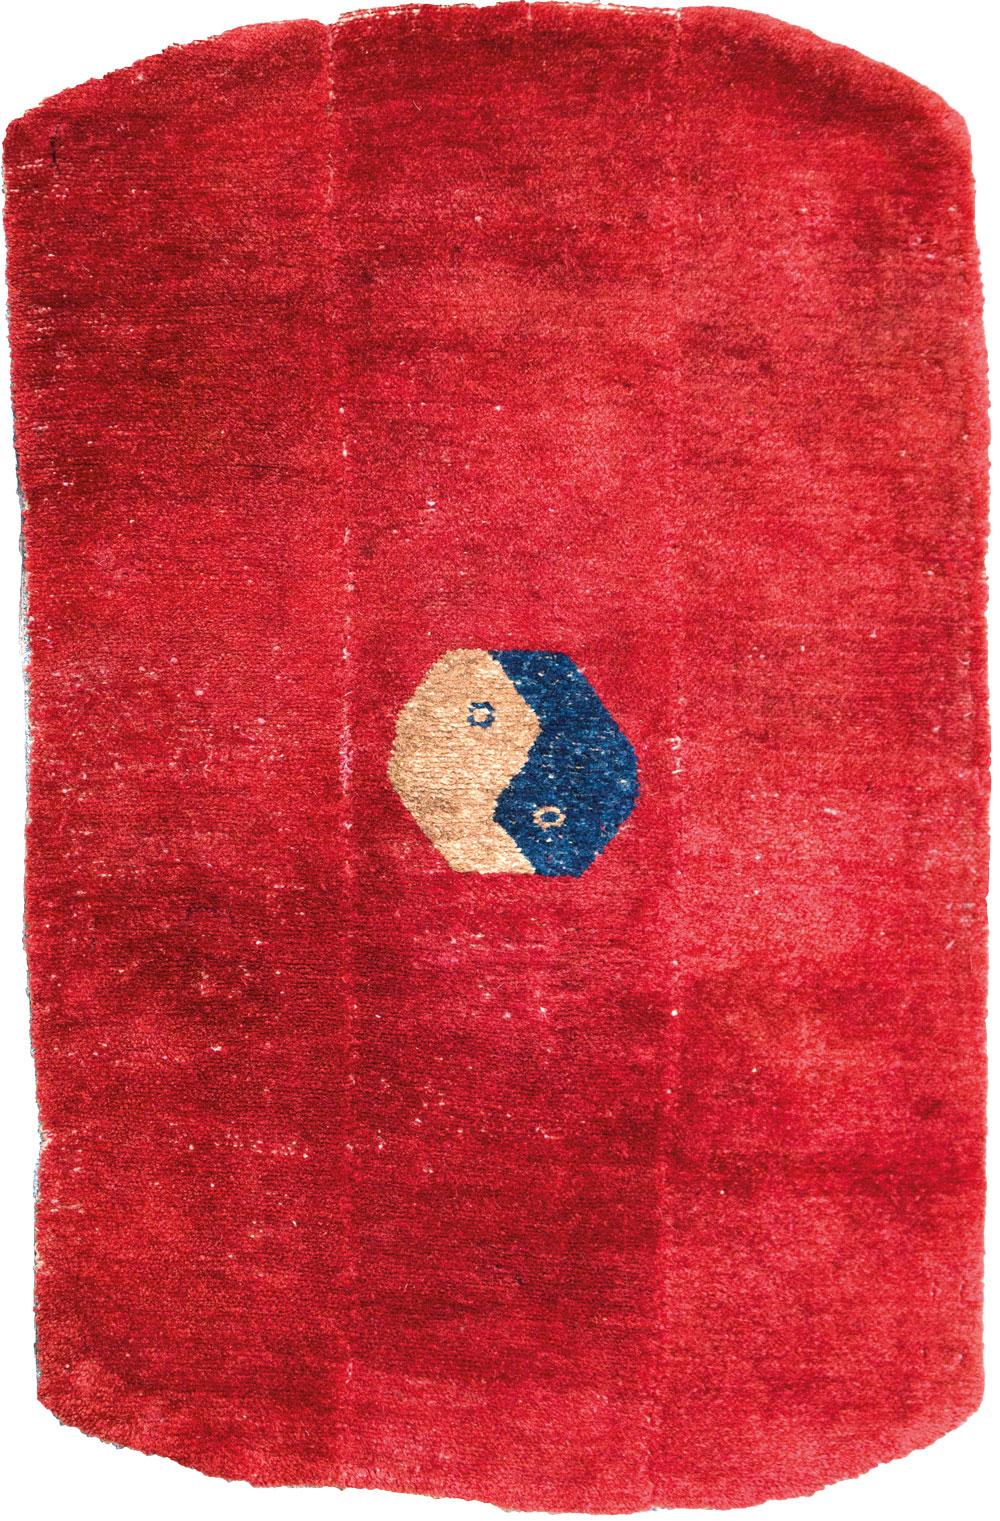 BRAFA, Tibet, Tsukdruk, wool on wool, 56x87 cm, end of 19th century